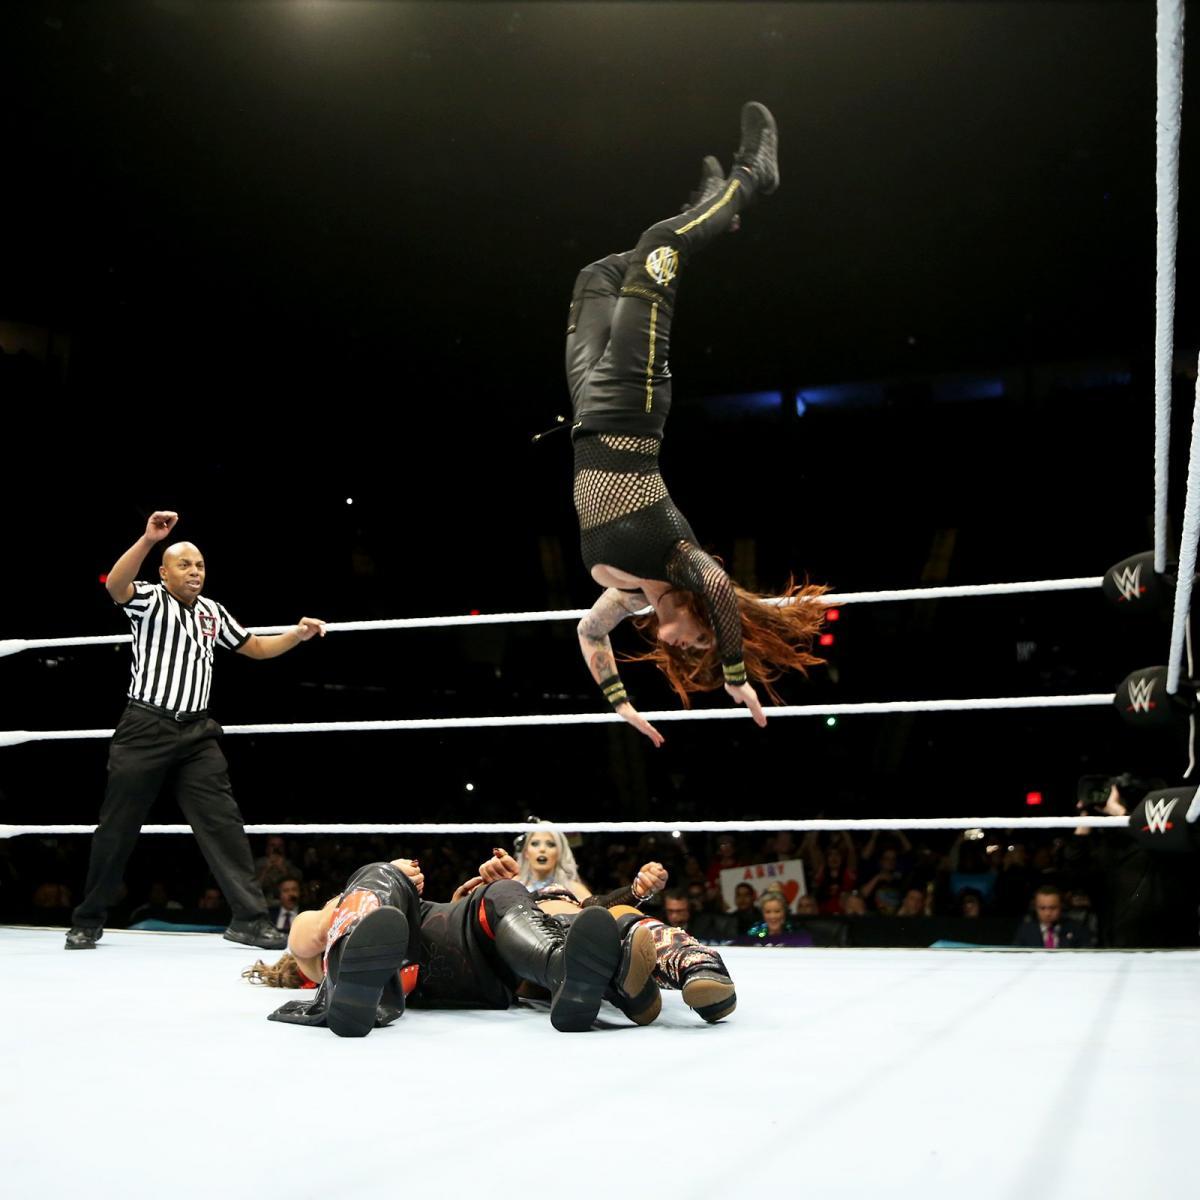 Enjoyment after wrestling